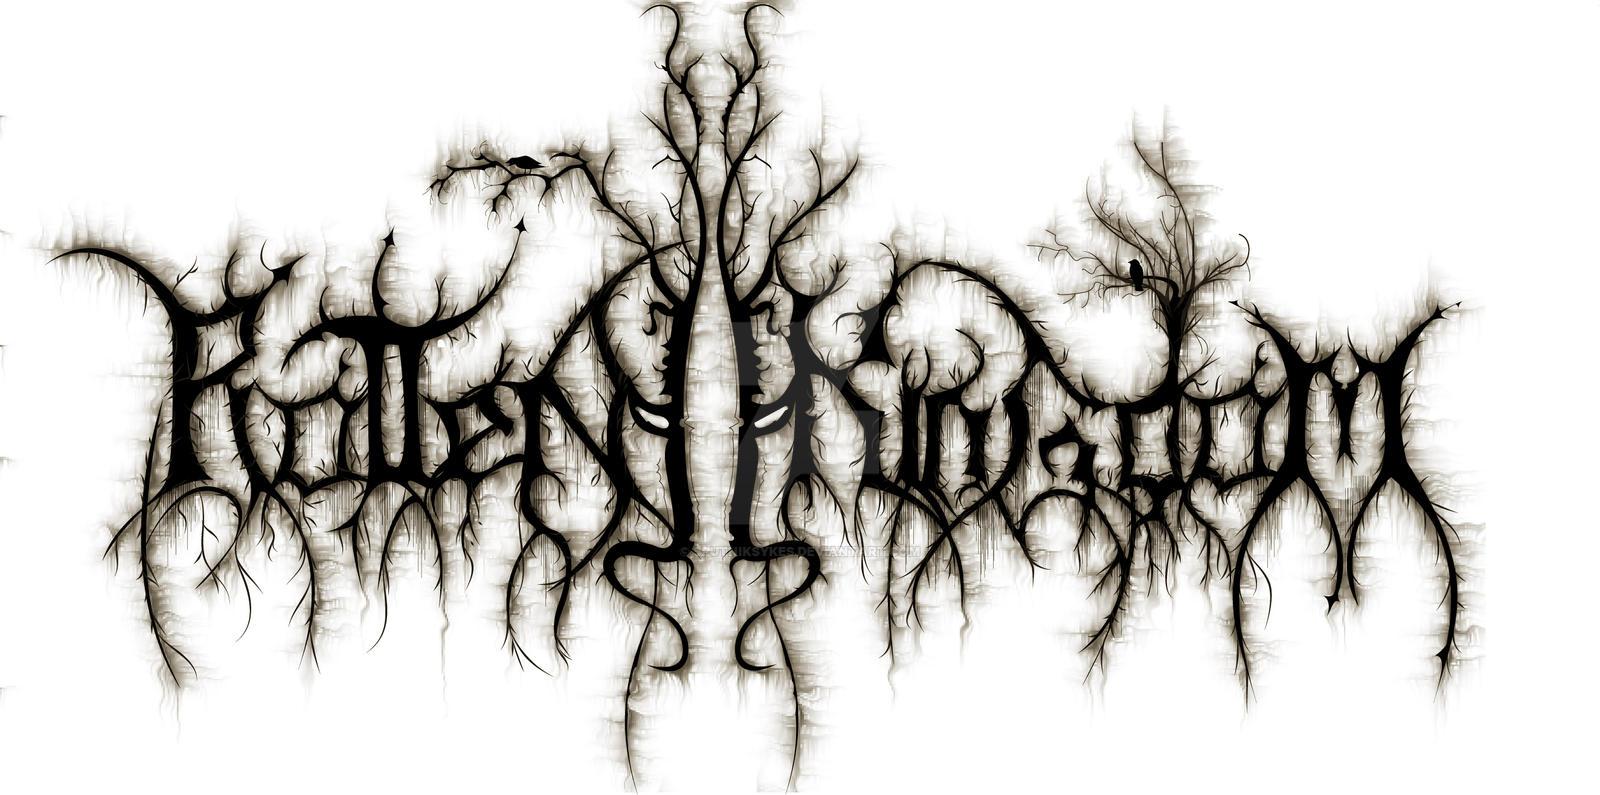 deathcore logo by sputniksykes on deviantart